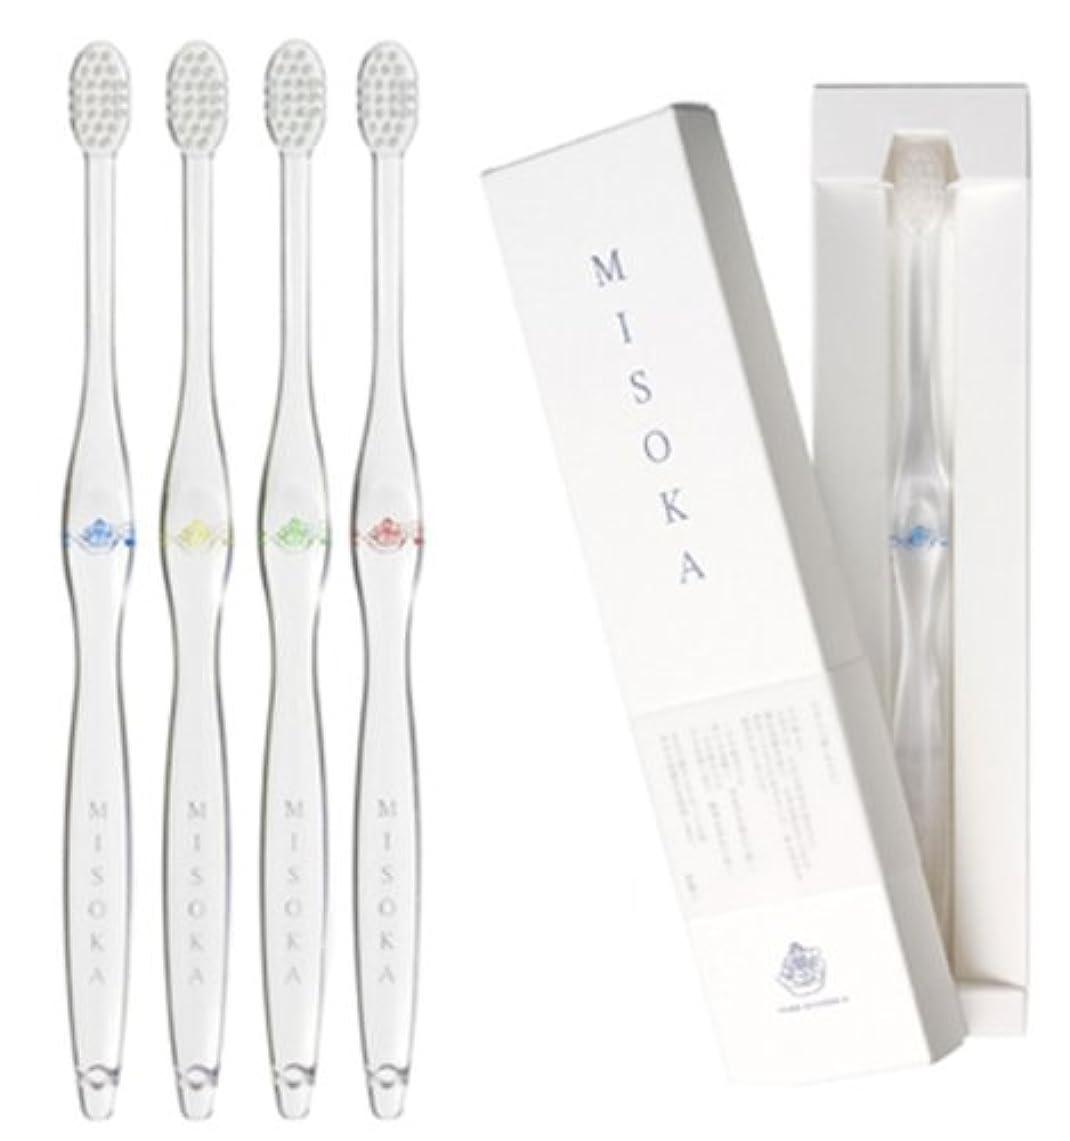 序文肥満伸ばすMISOKA 夢職人 魔法の歯ブラシ / M普通サイズ4本 / ミネラルでできているから歯磨き粉不要! / 旅行に便利! / ナノテク